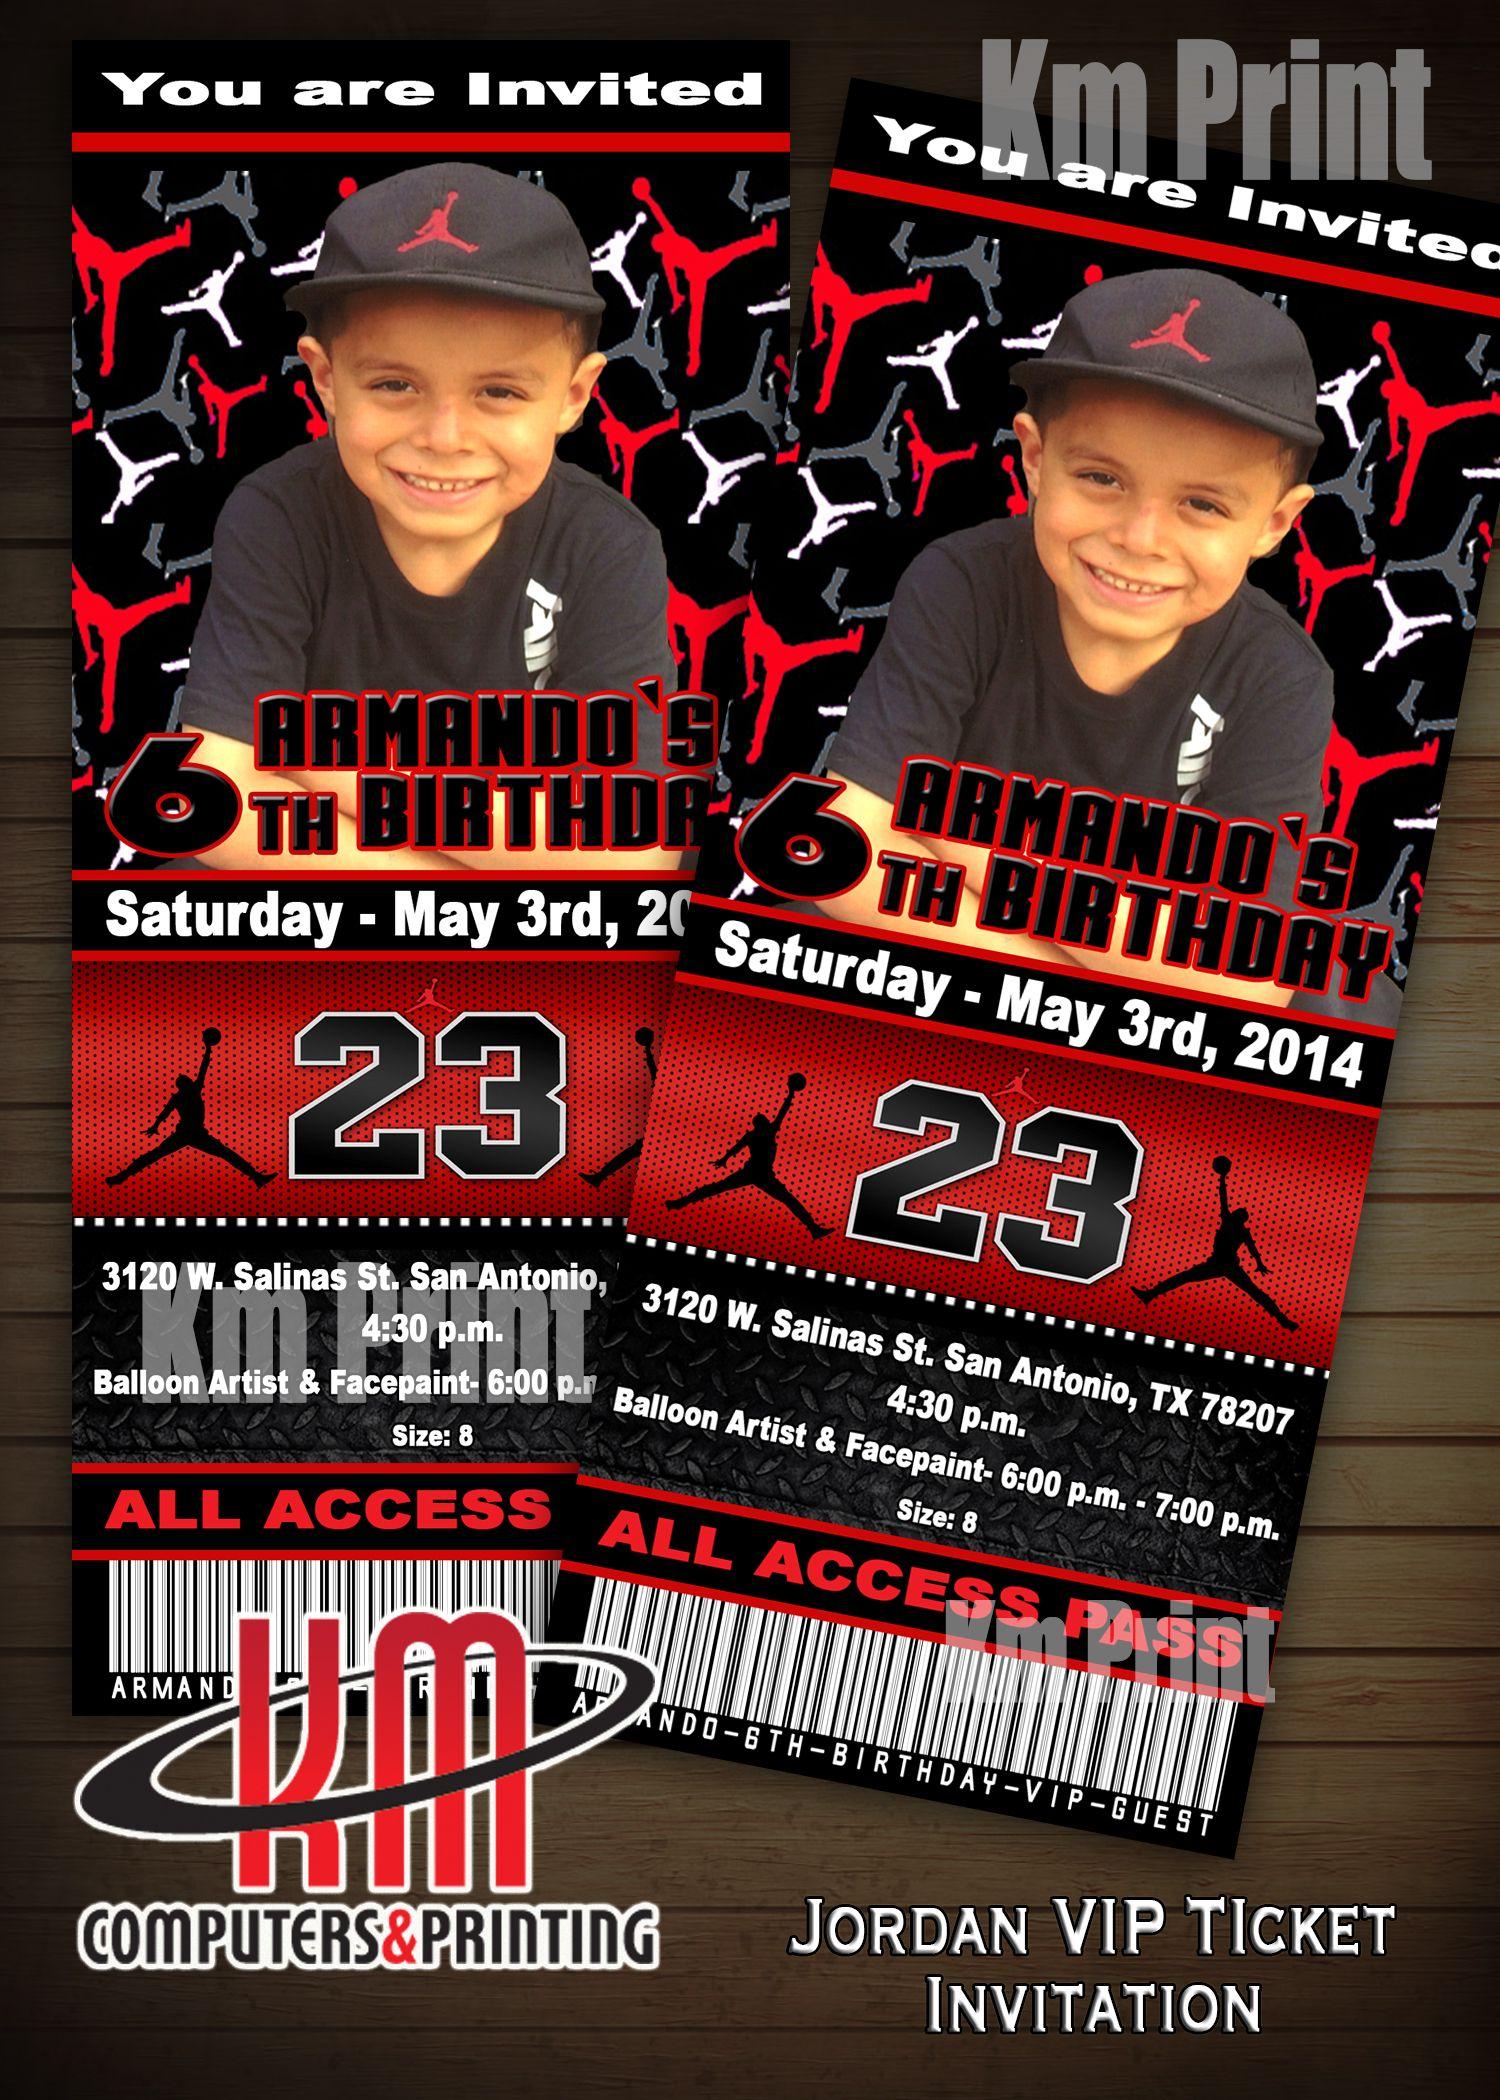 Air Jordan Vip Ticket Invitation Size 3x7 Digital U Print